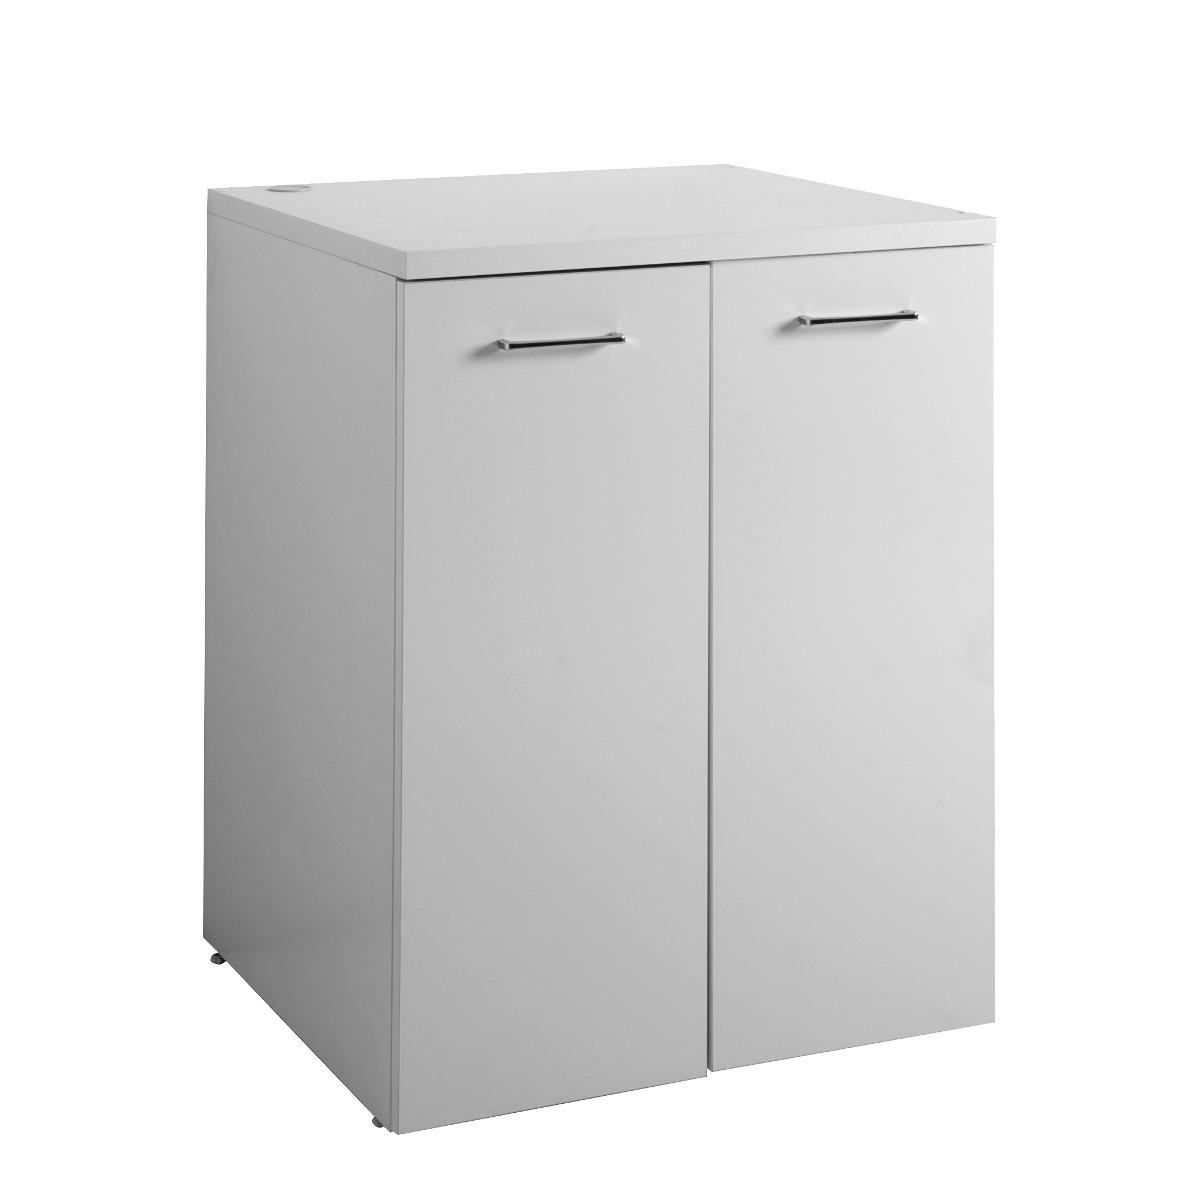 Mobile base contenitore lavatriceasciugatrice 70x66x91 Wash